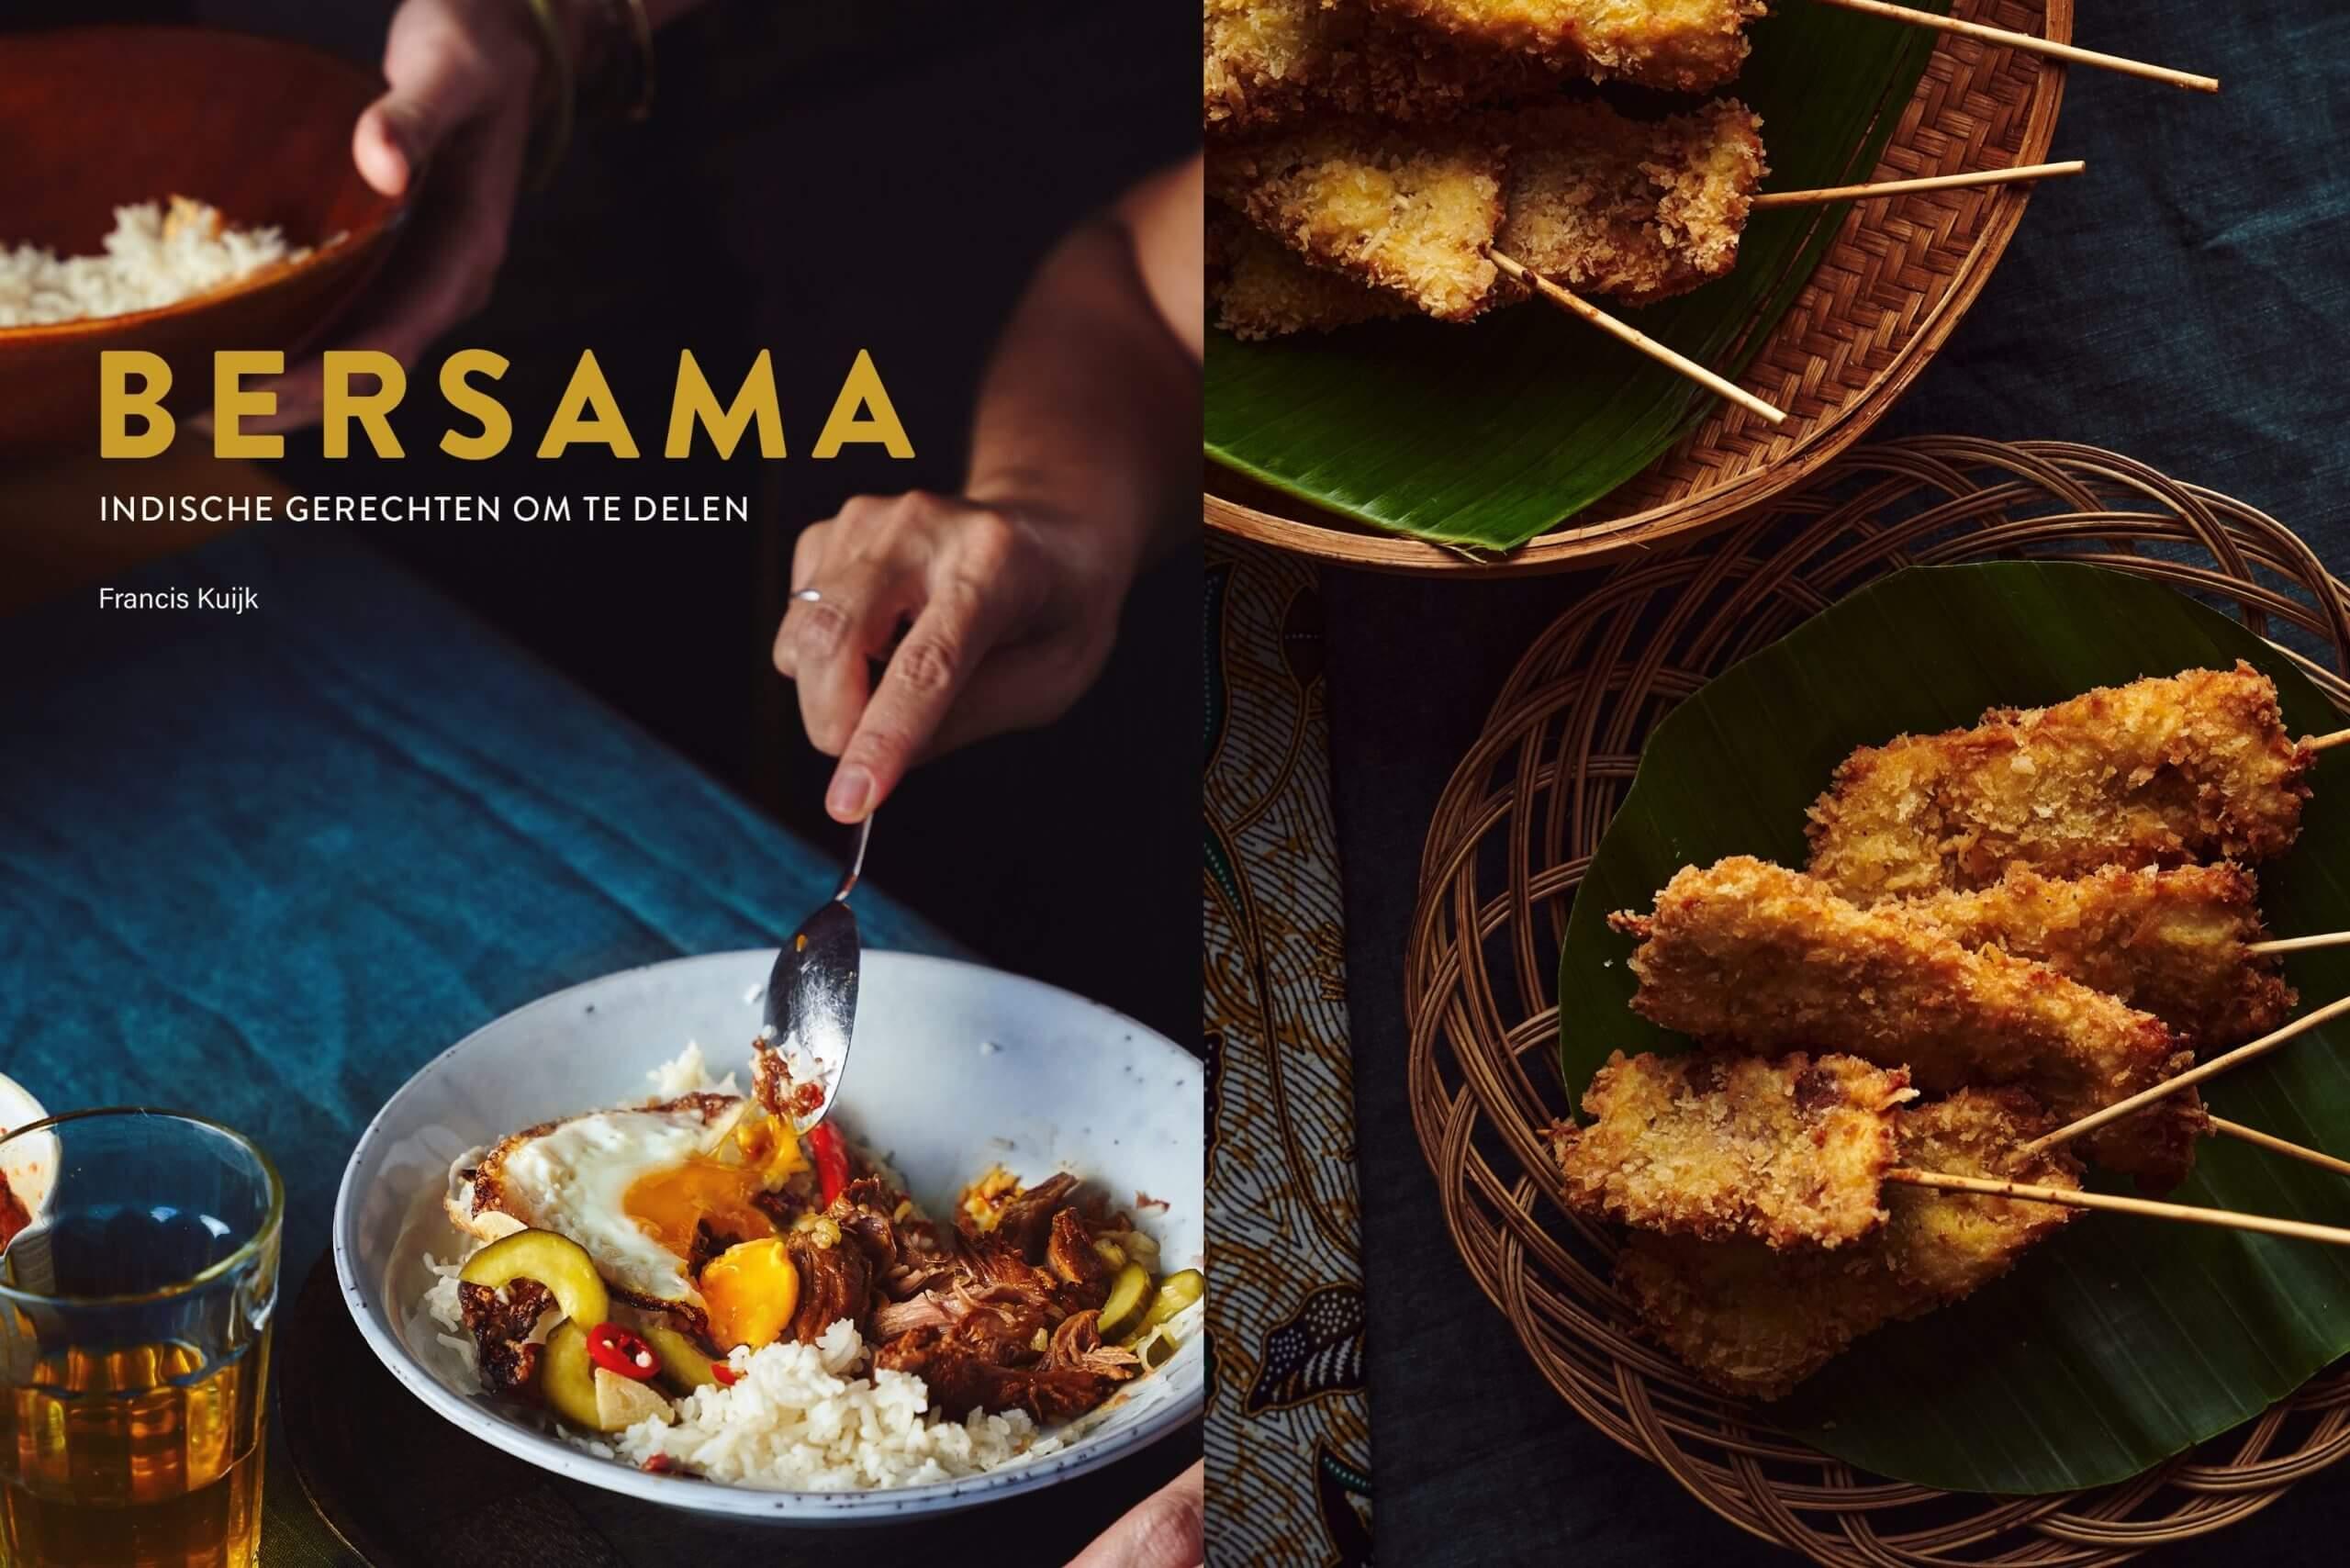 Wereldkeuken: de Indische keuken